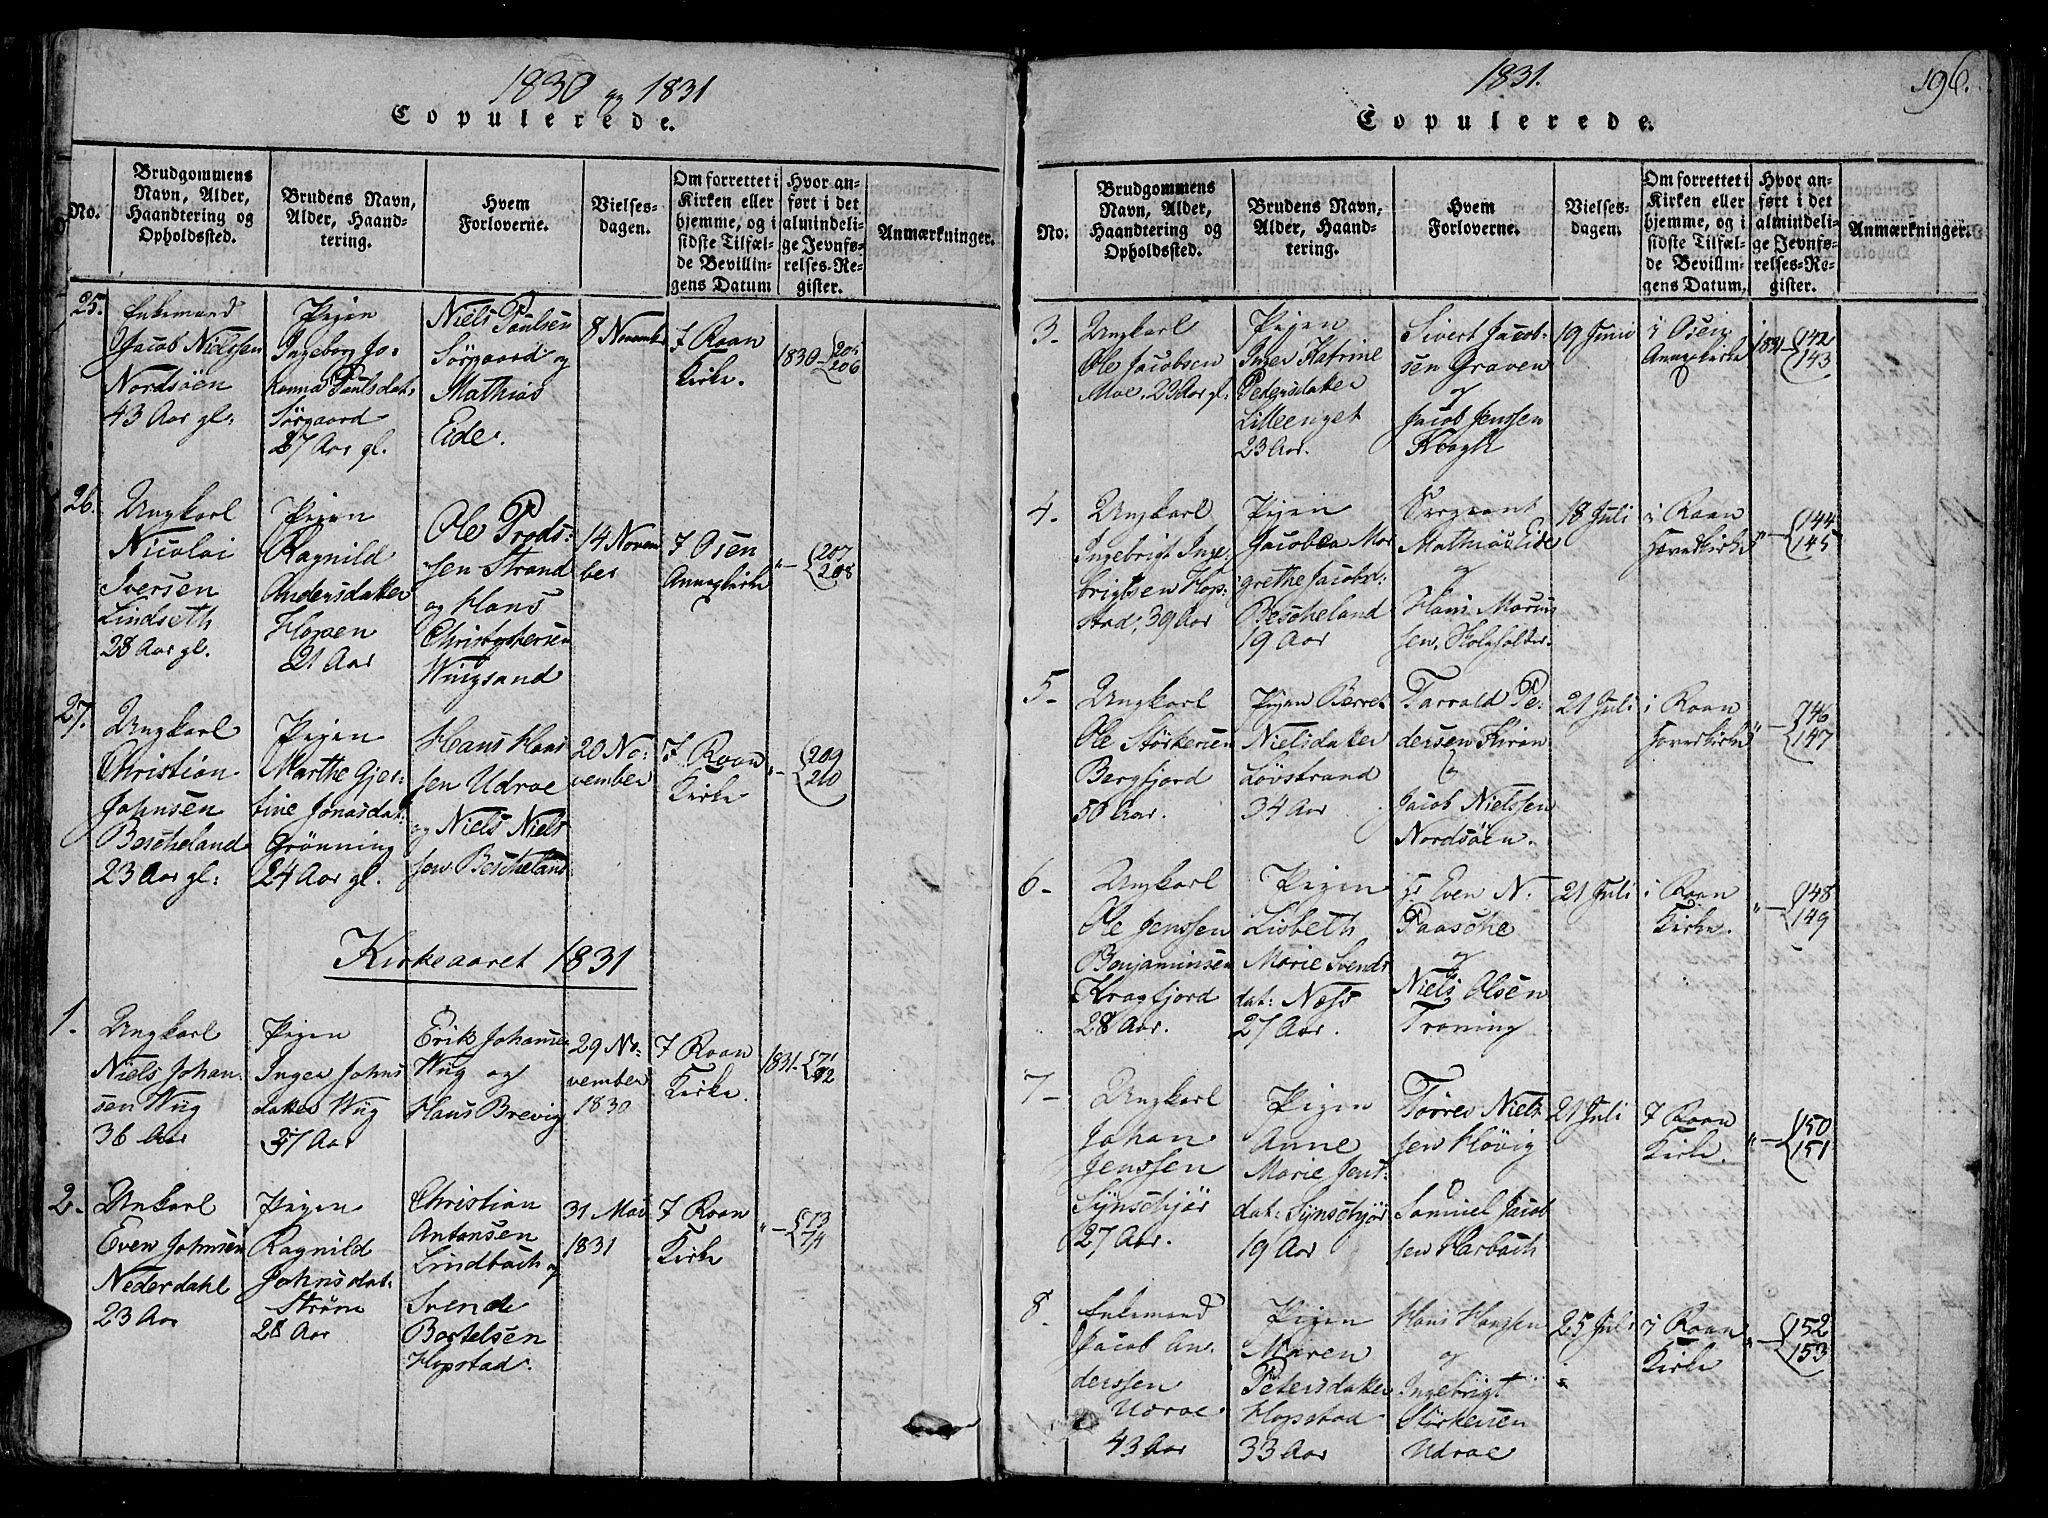 SAT, Ministerialprotokoller, klokkerbøker og fødselsregistre - Sør-Trøndelag, 657/L0702: Ministerialbok nr. 657A03, 1818-1831, s. 196